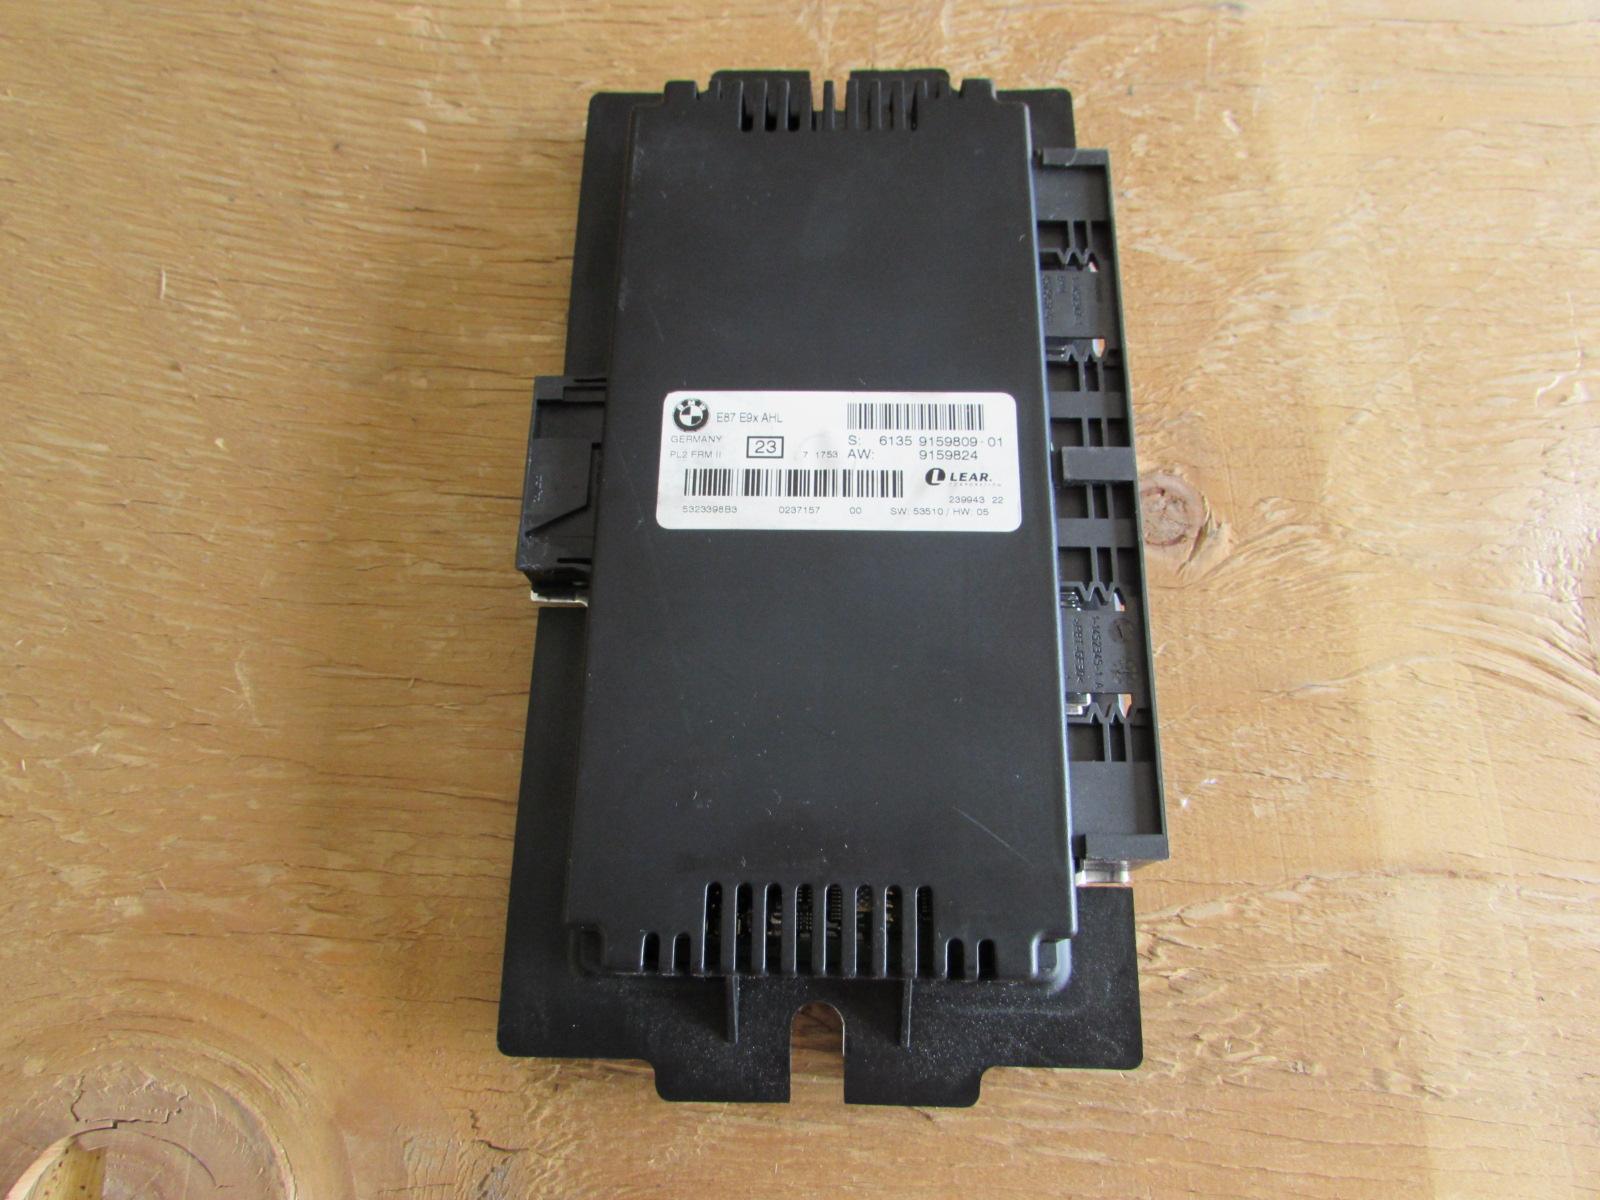 Bmw Footwell Module 2 Lear 61359159809 E90 E89 323i 325i